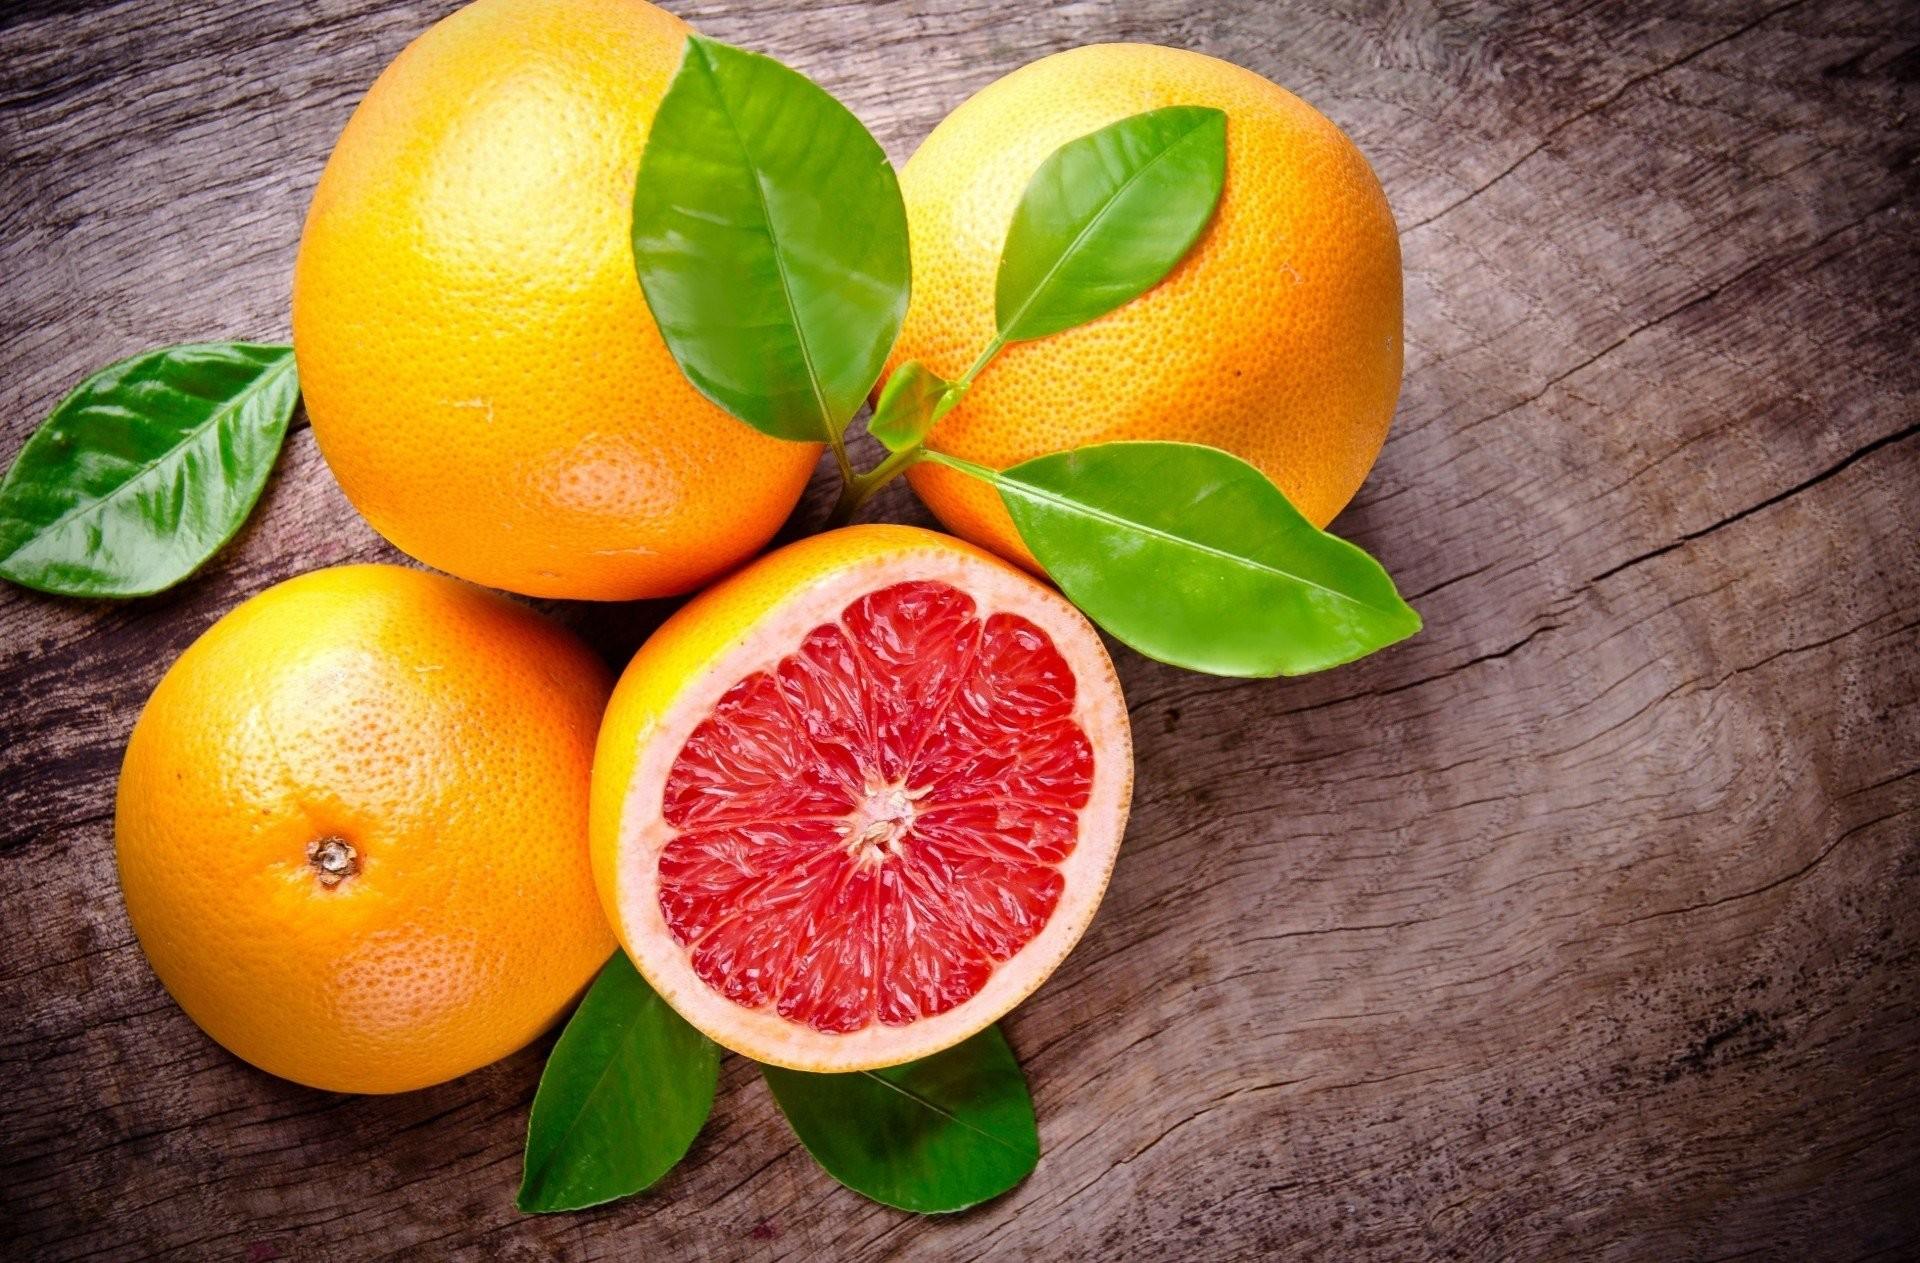 sheet widescreen full screen grapefruit food wallpaper background fruct  fruits